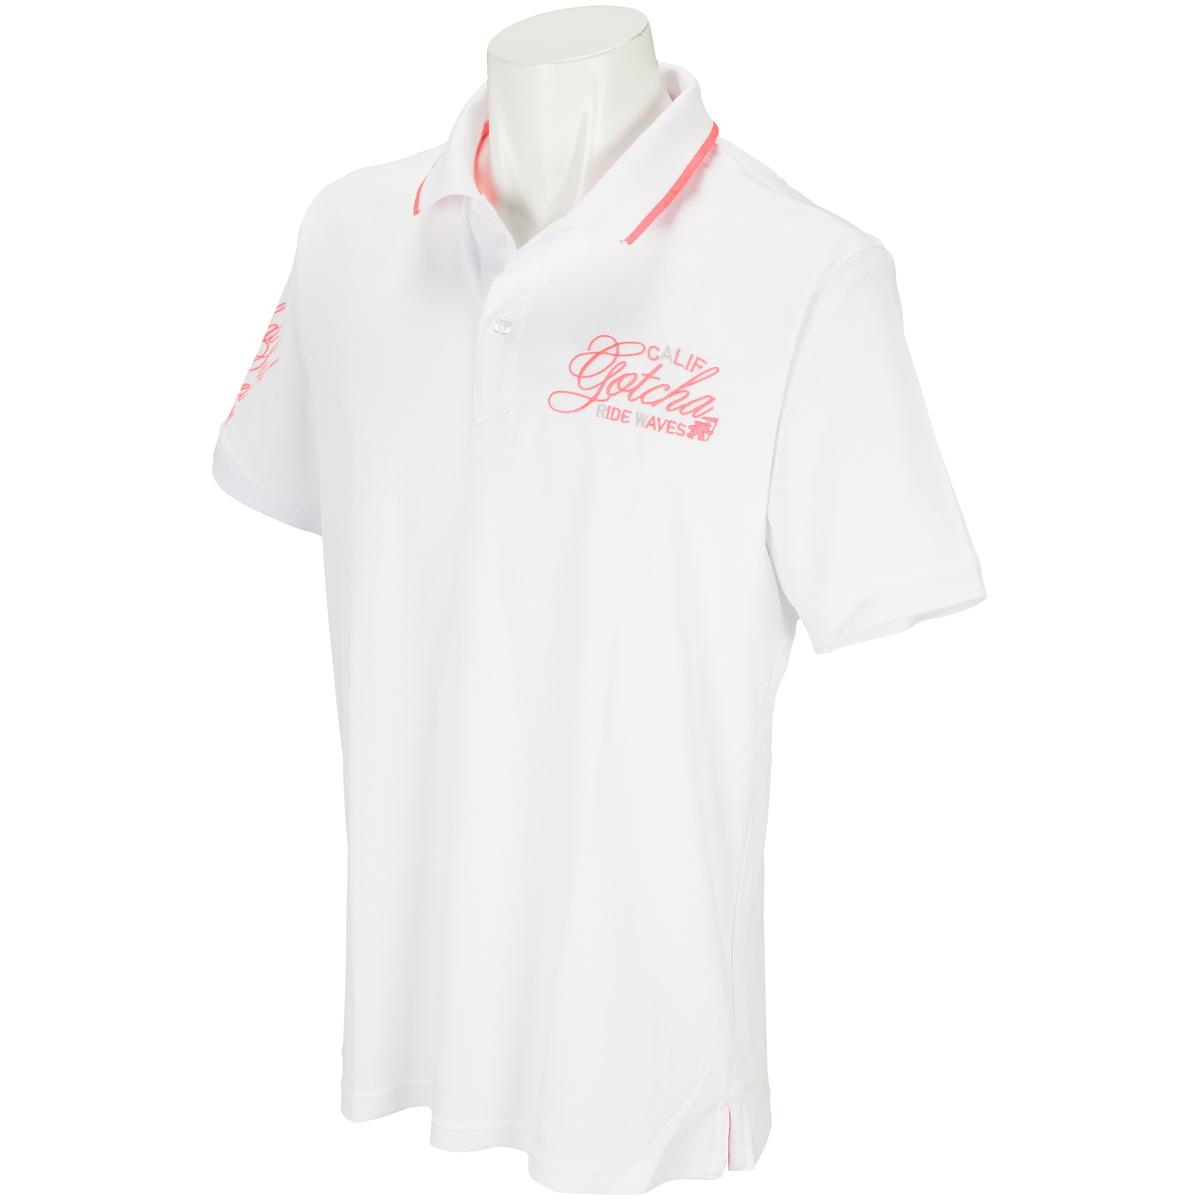 ドライ メッシュ ネオン刺繍半袖ポロシャツ